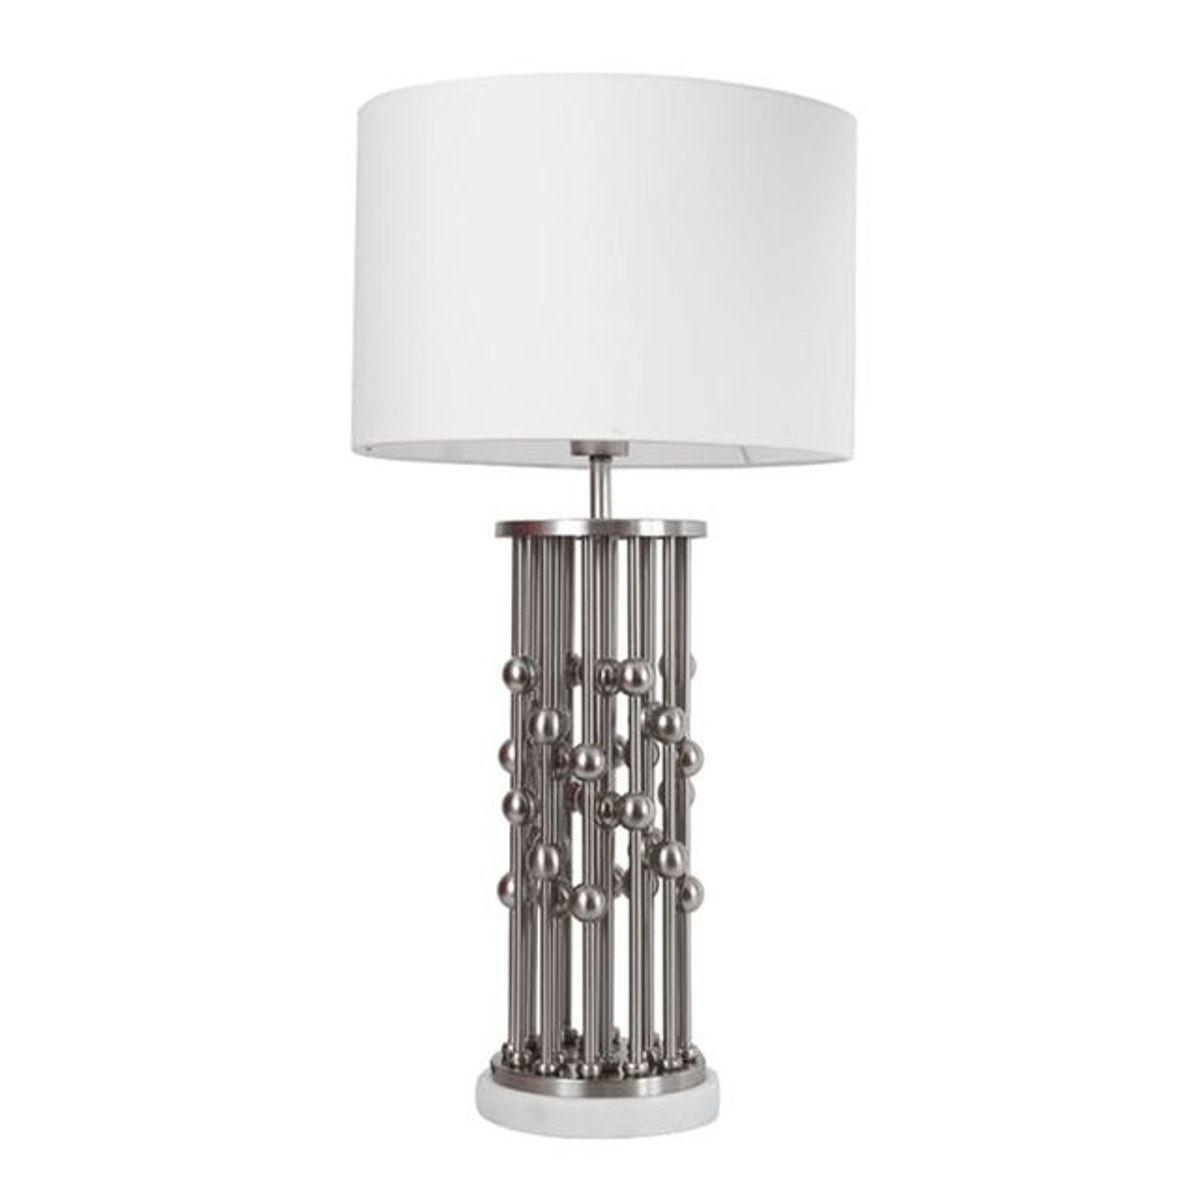 Lampe Pied En Metal Boules Sur Colonnes Gris Et Blanc H65cm Gris Blanc Gris Et Blanc